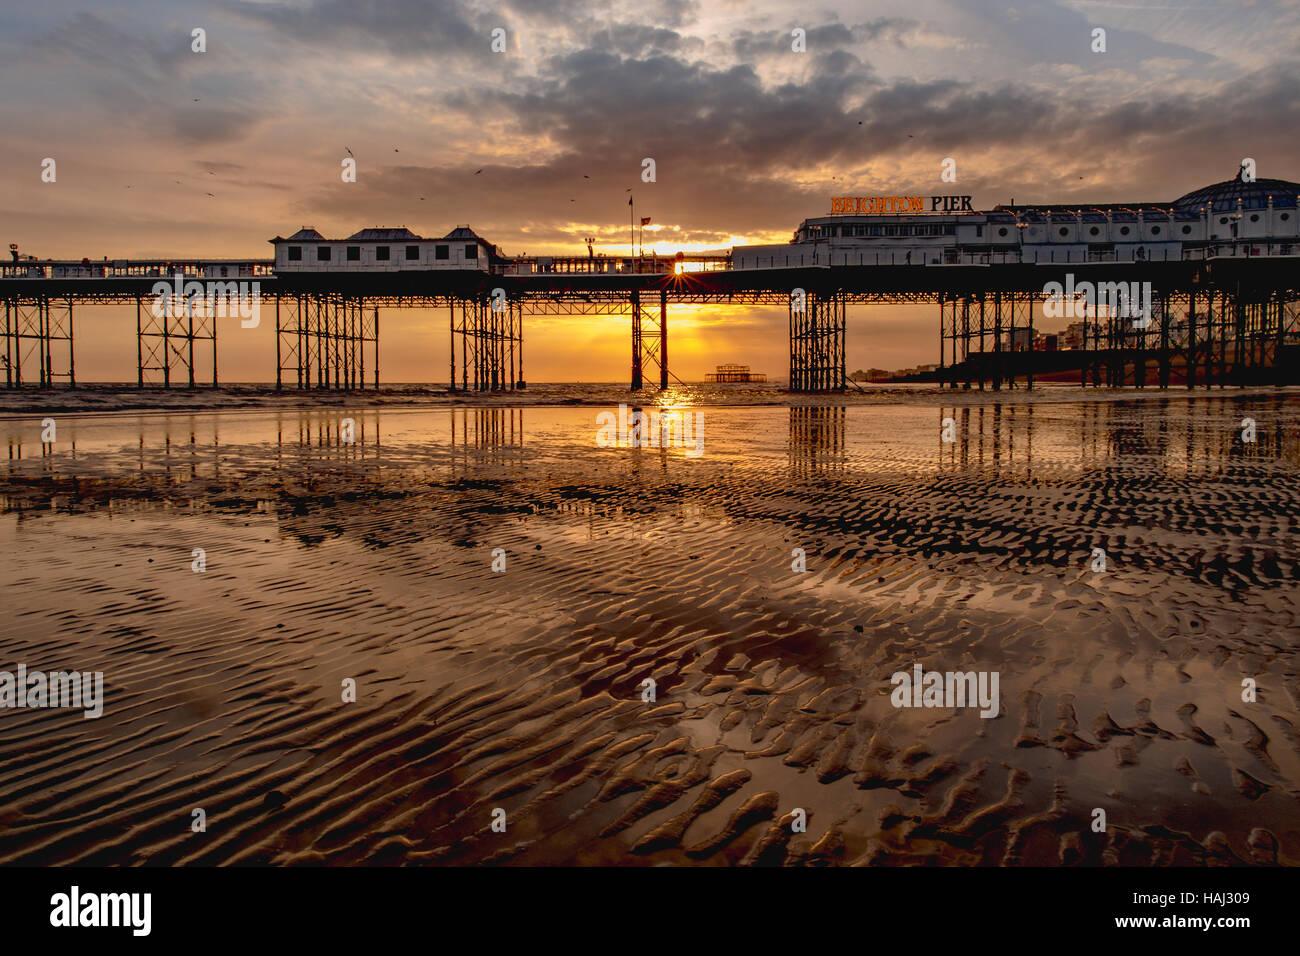 Marea baja en Brighton Pier Imagen De Stock